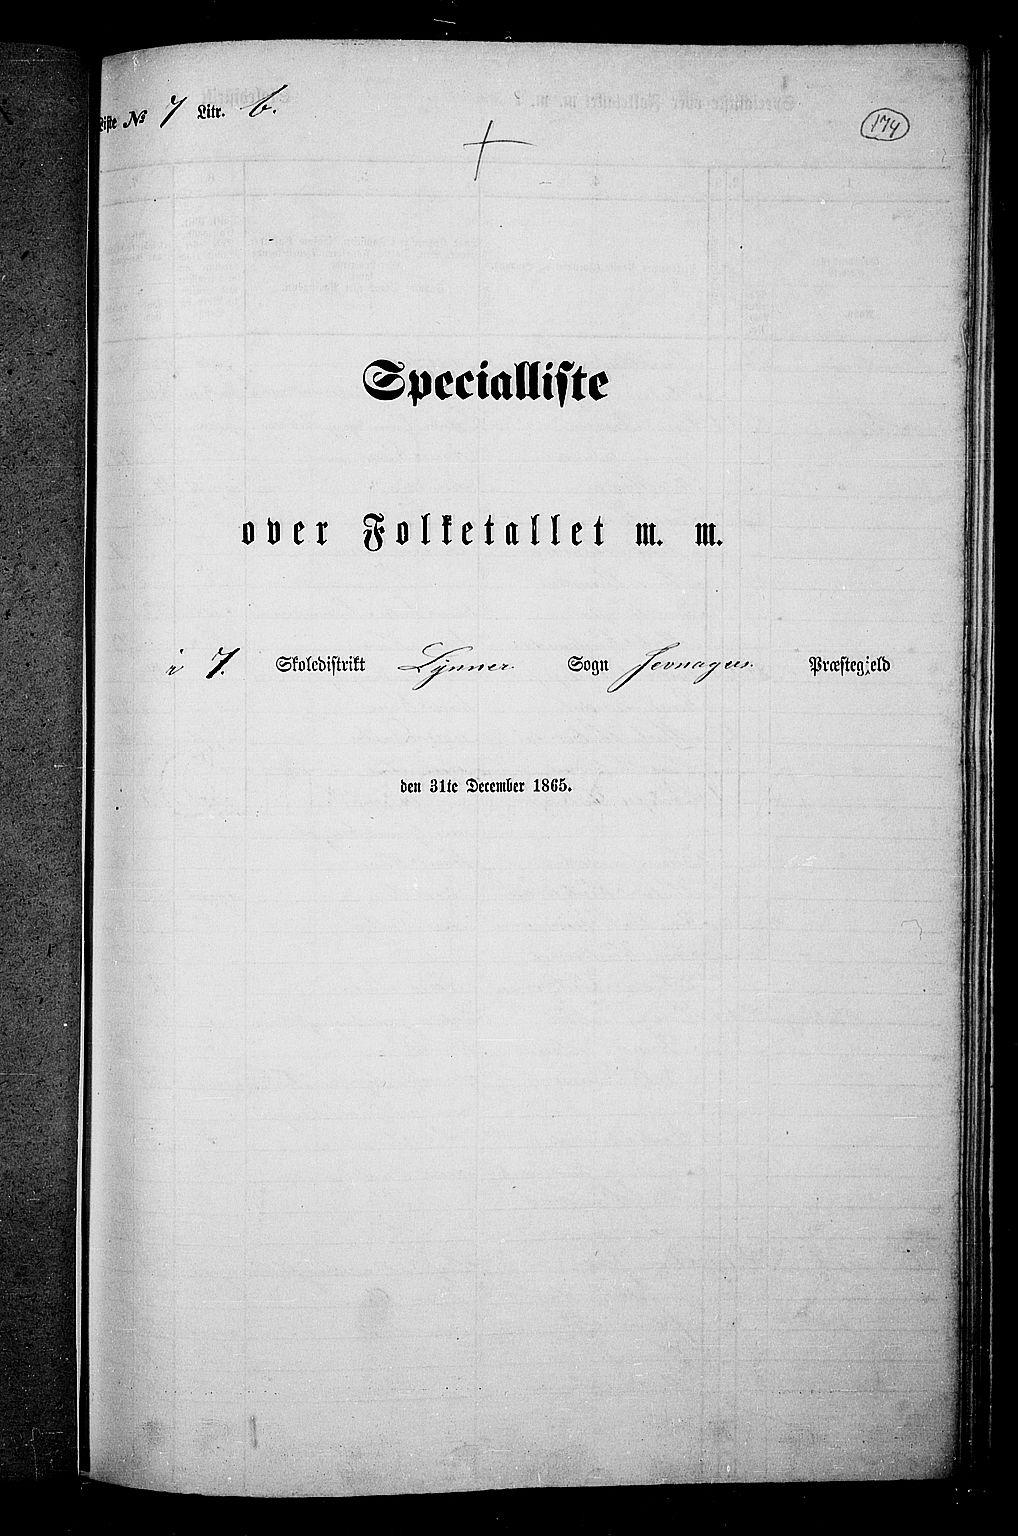 RA, Folketelling 1865 for 0532P Jevnaker prestegjeld, 1865, s. 160